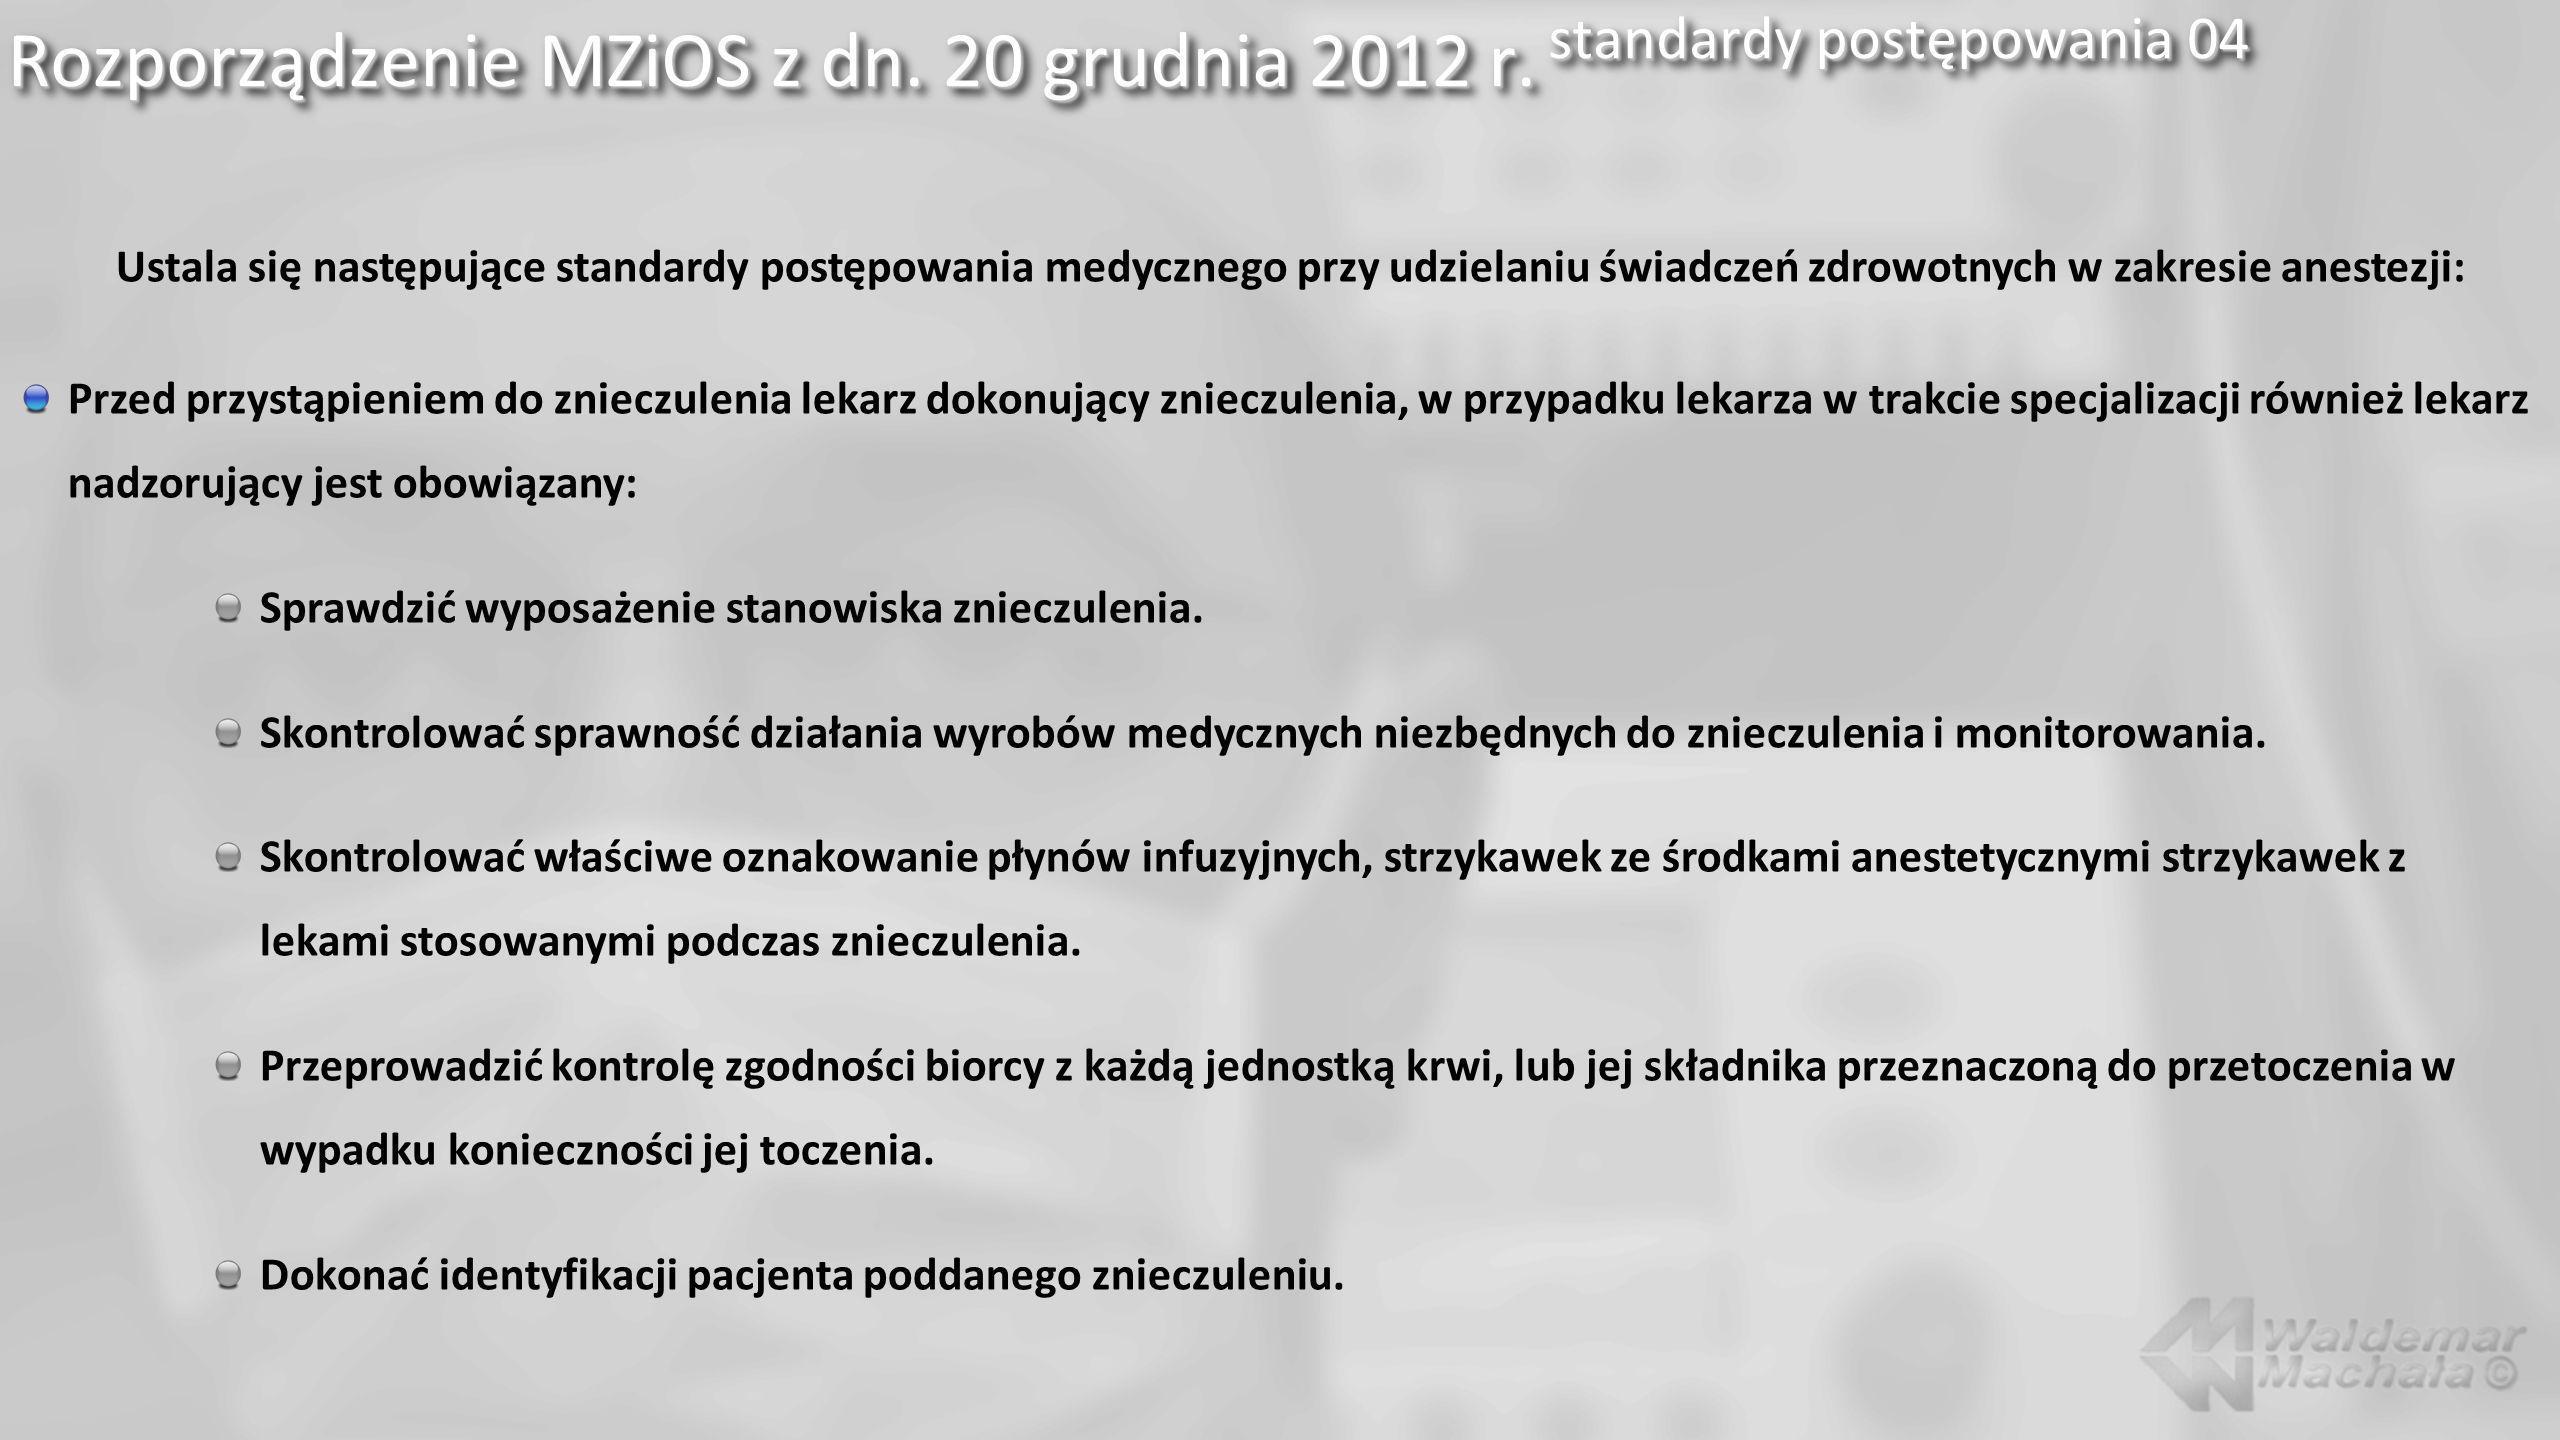 Rozporządzenie MZiOS z dn. 20 grudnia 2012 r. standardy postępowania 04